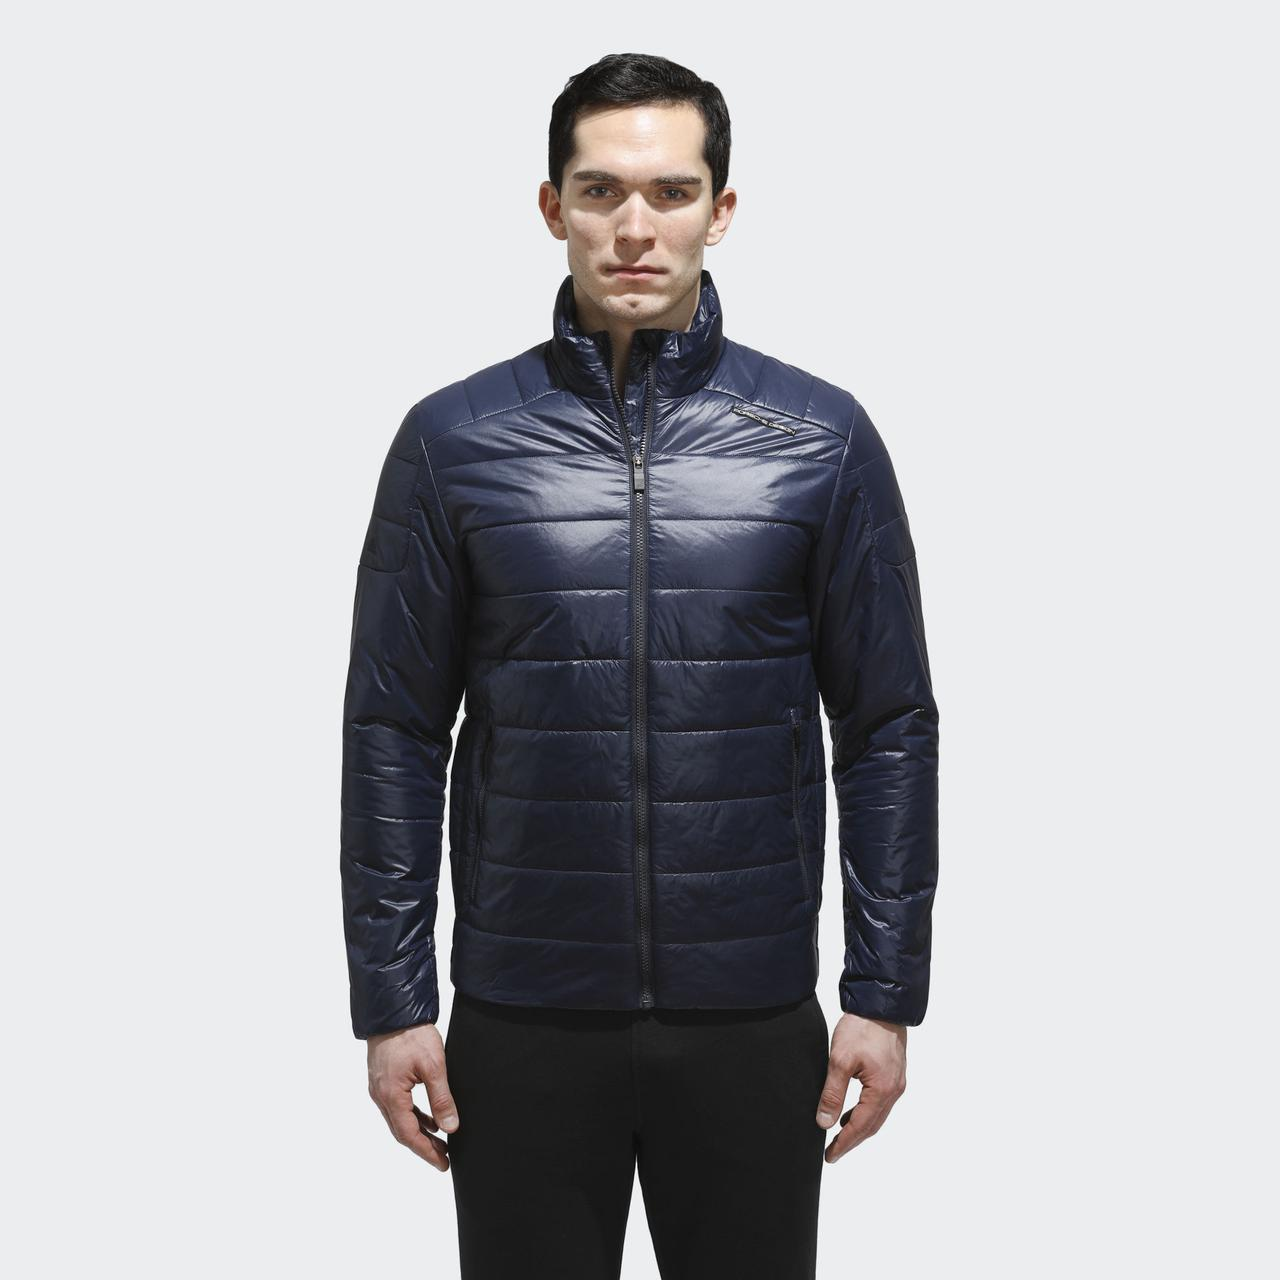 29864be6 Куртка утепленная муж. - Магазин спортивной одежды и обуви Max Sport в Киеве